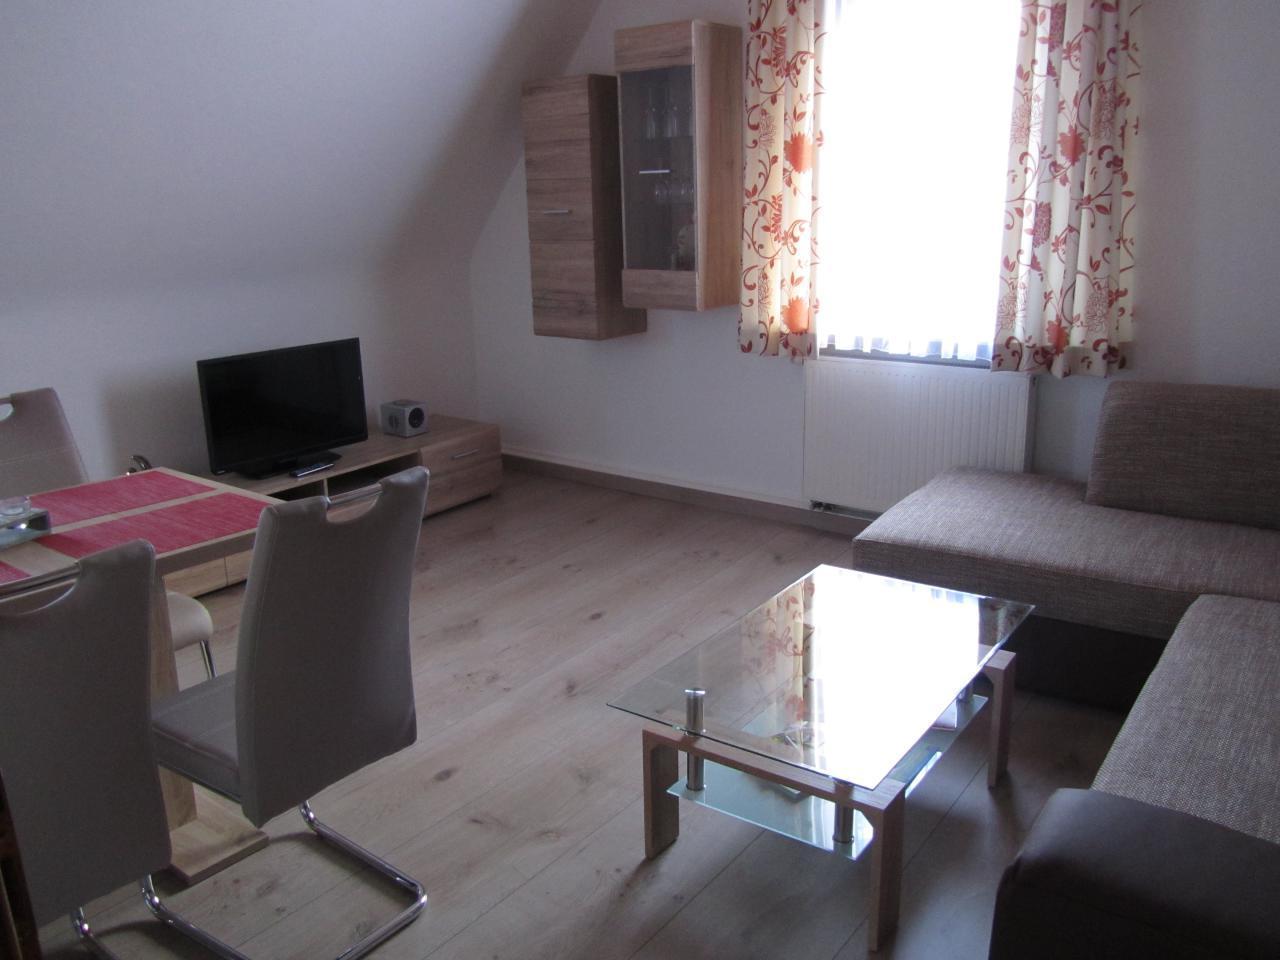 Ferienwohnung Appartementhaus Wiesengrund -Fewo3 (402594), Baiersbronn, Schwarzwald, Baden-Württemberg, Deutschland, Bild 4